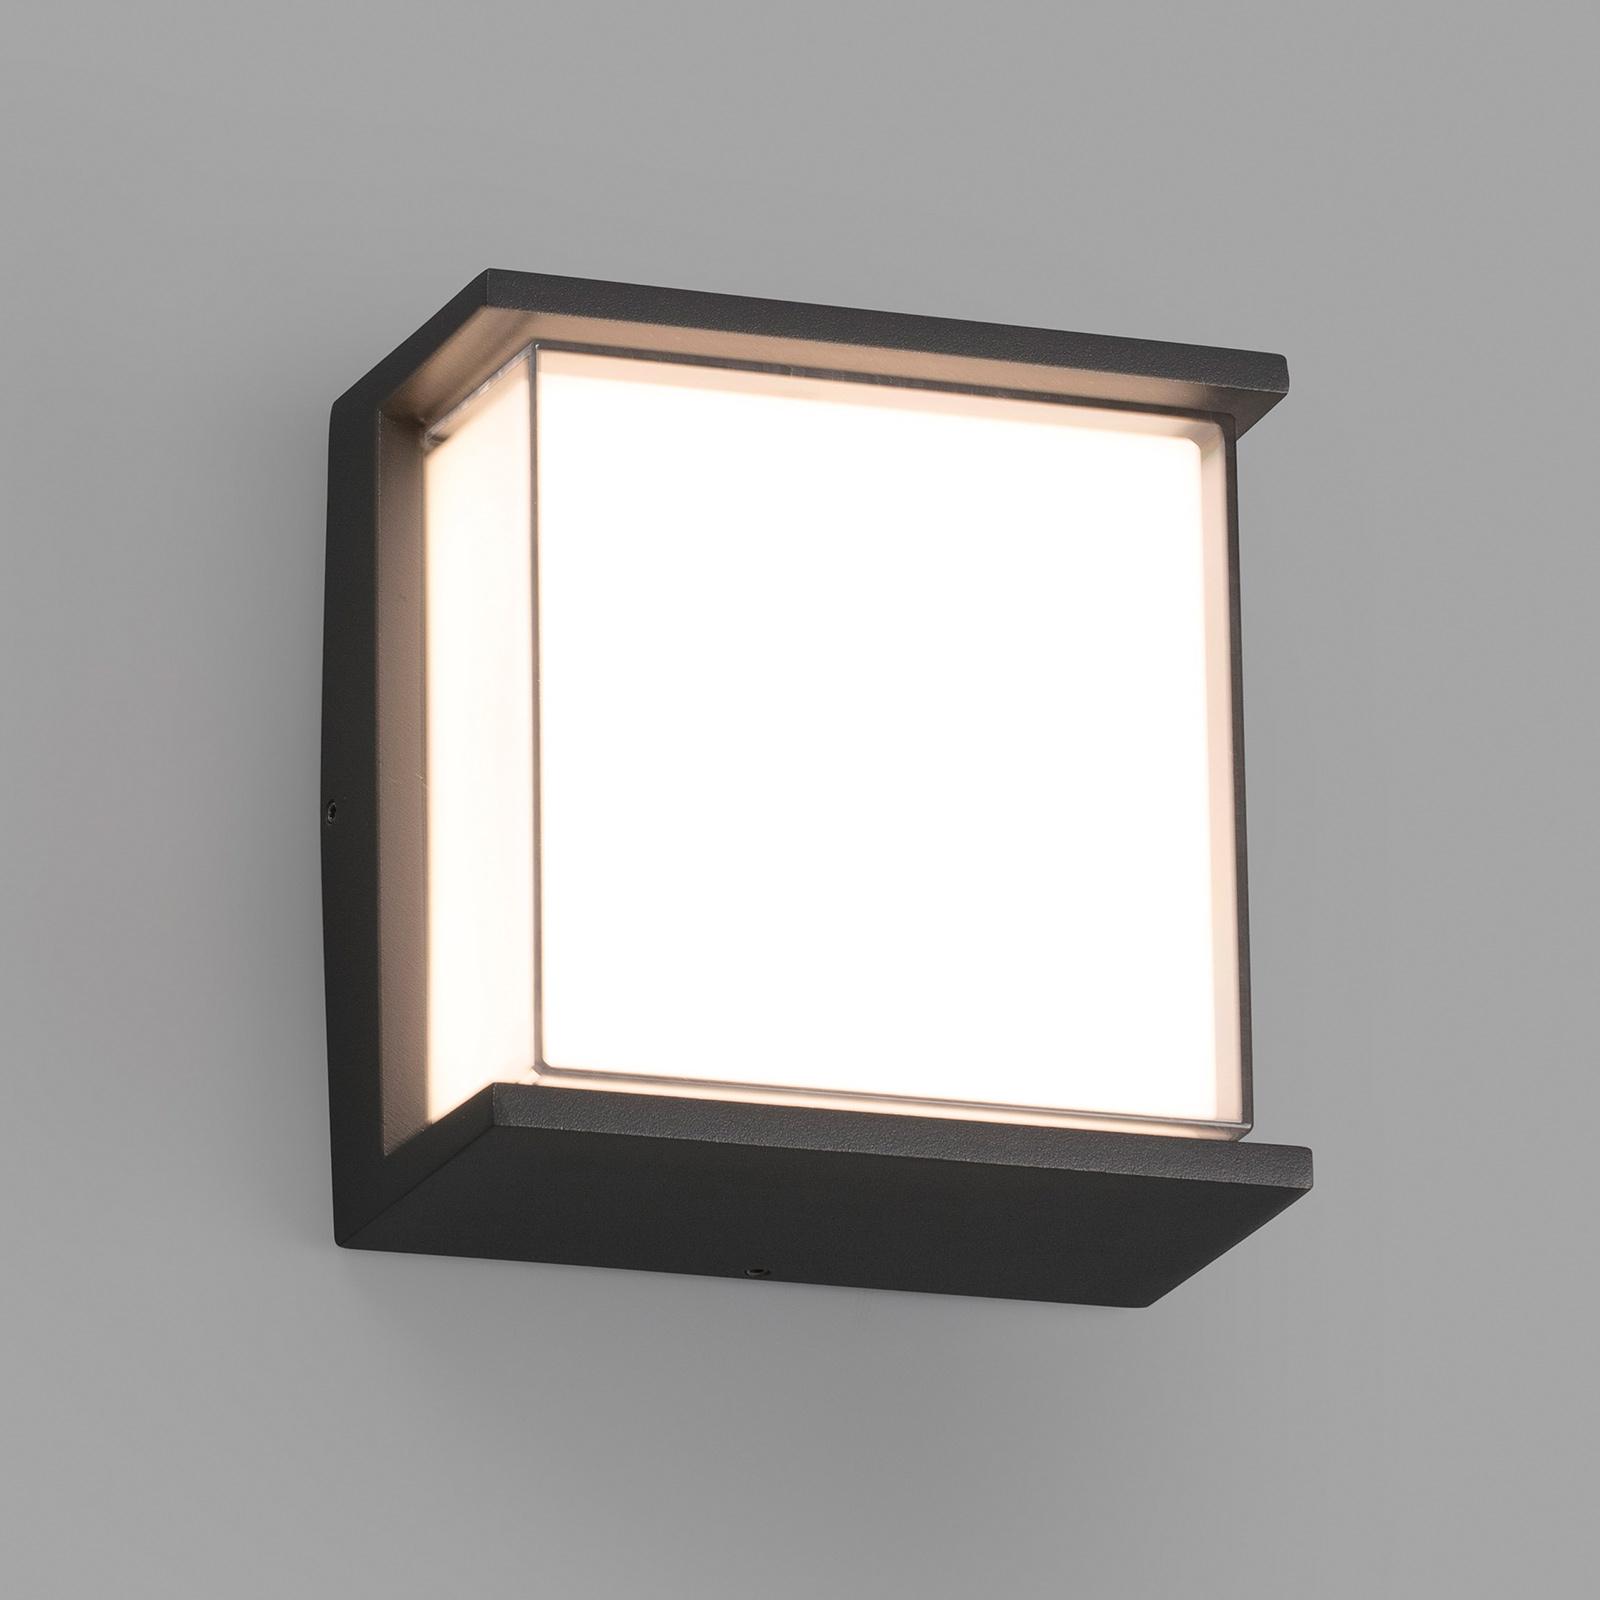 Applique d'extérieur LED Hikari, IK10